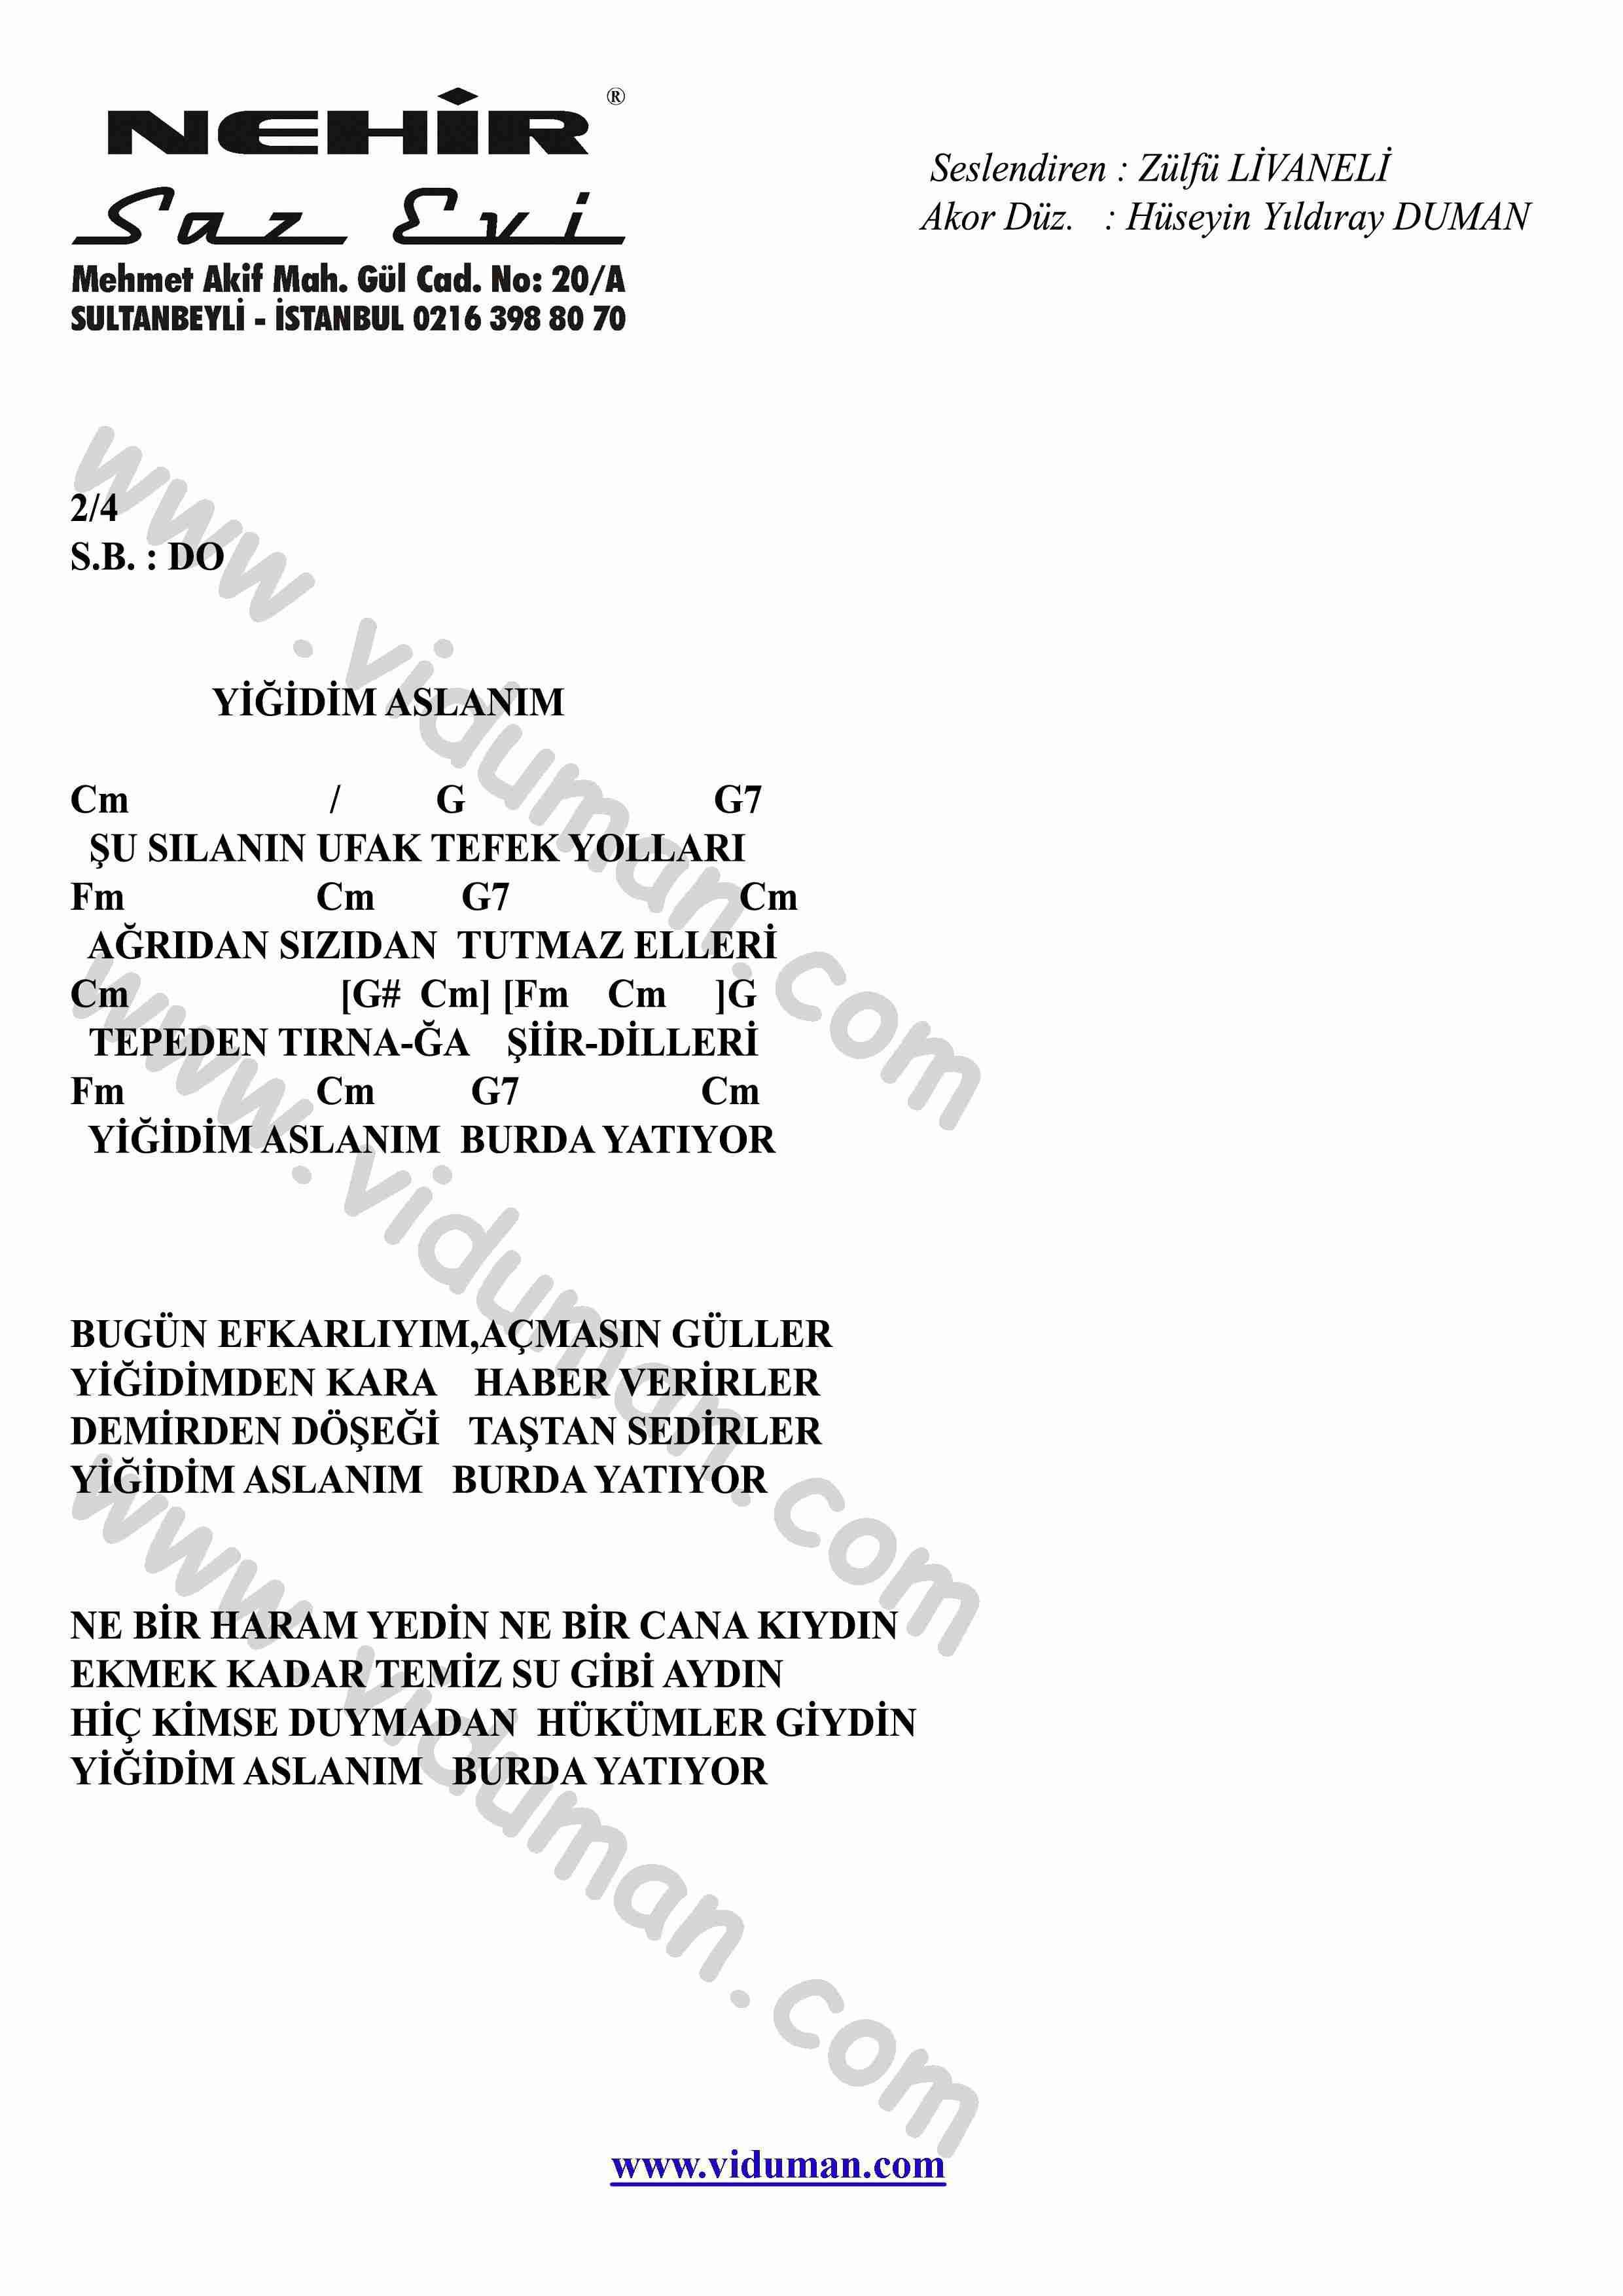 Yigidim Aslanim